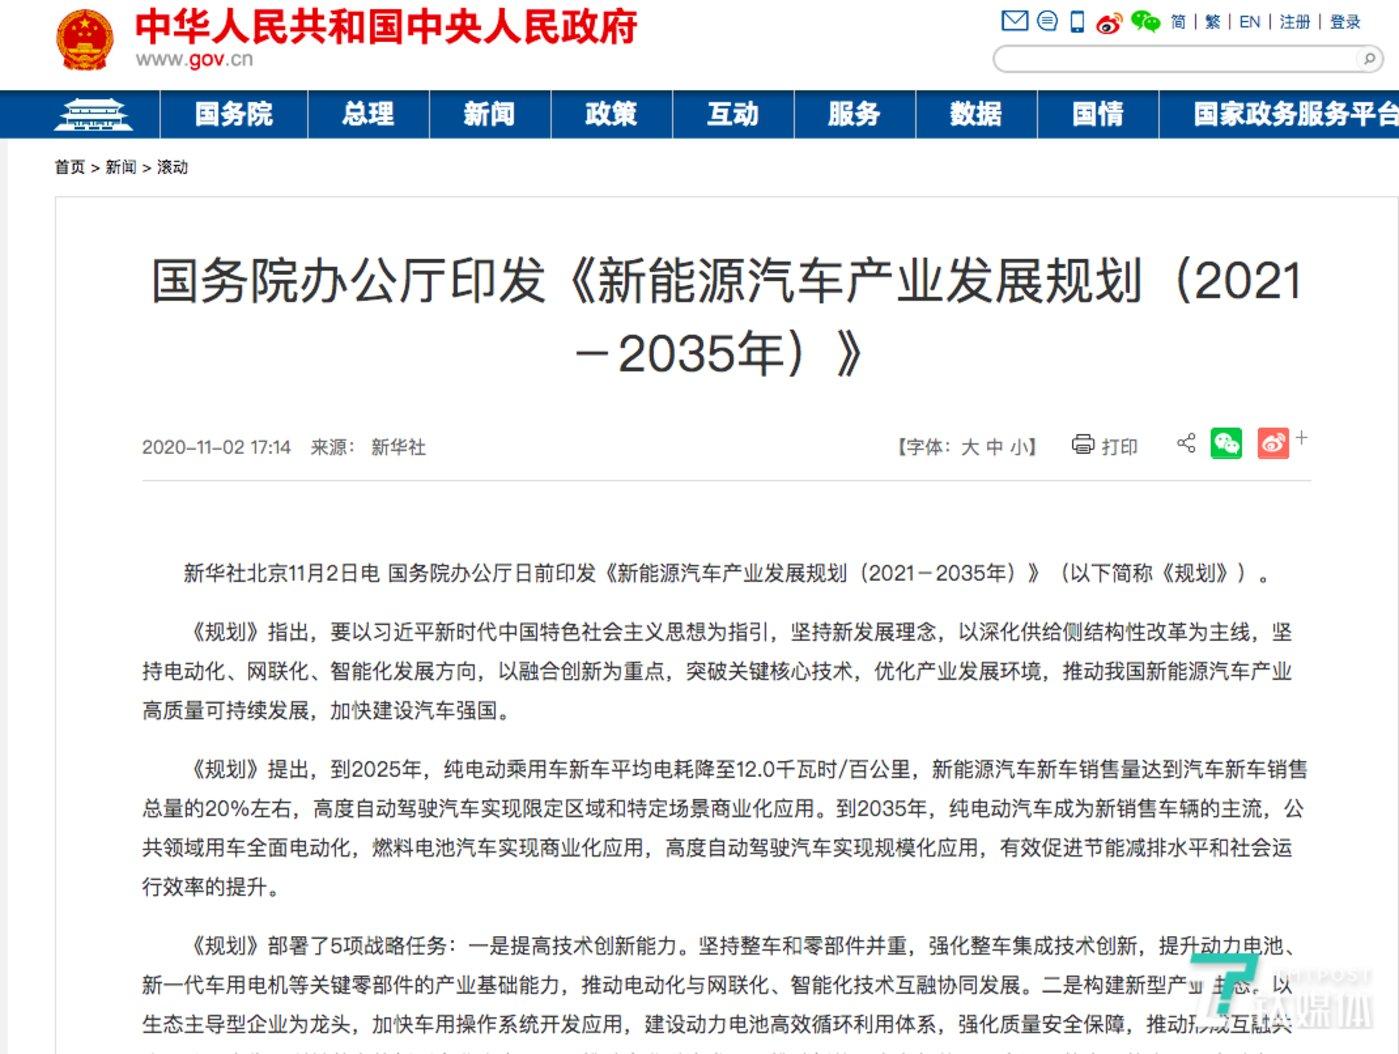 国务院印发的新能源汽车发展规划(来源:中国政府网)